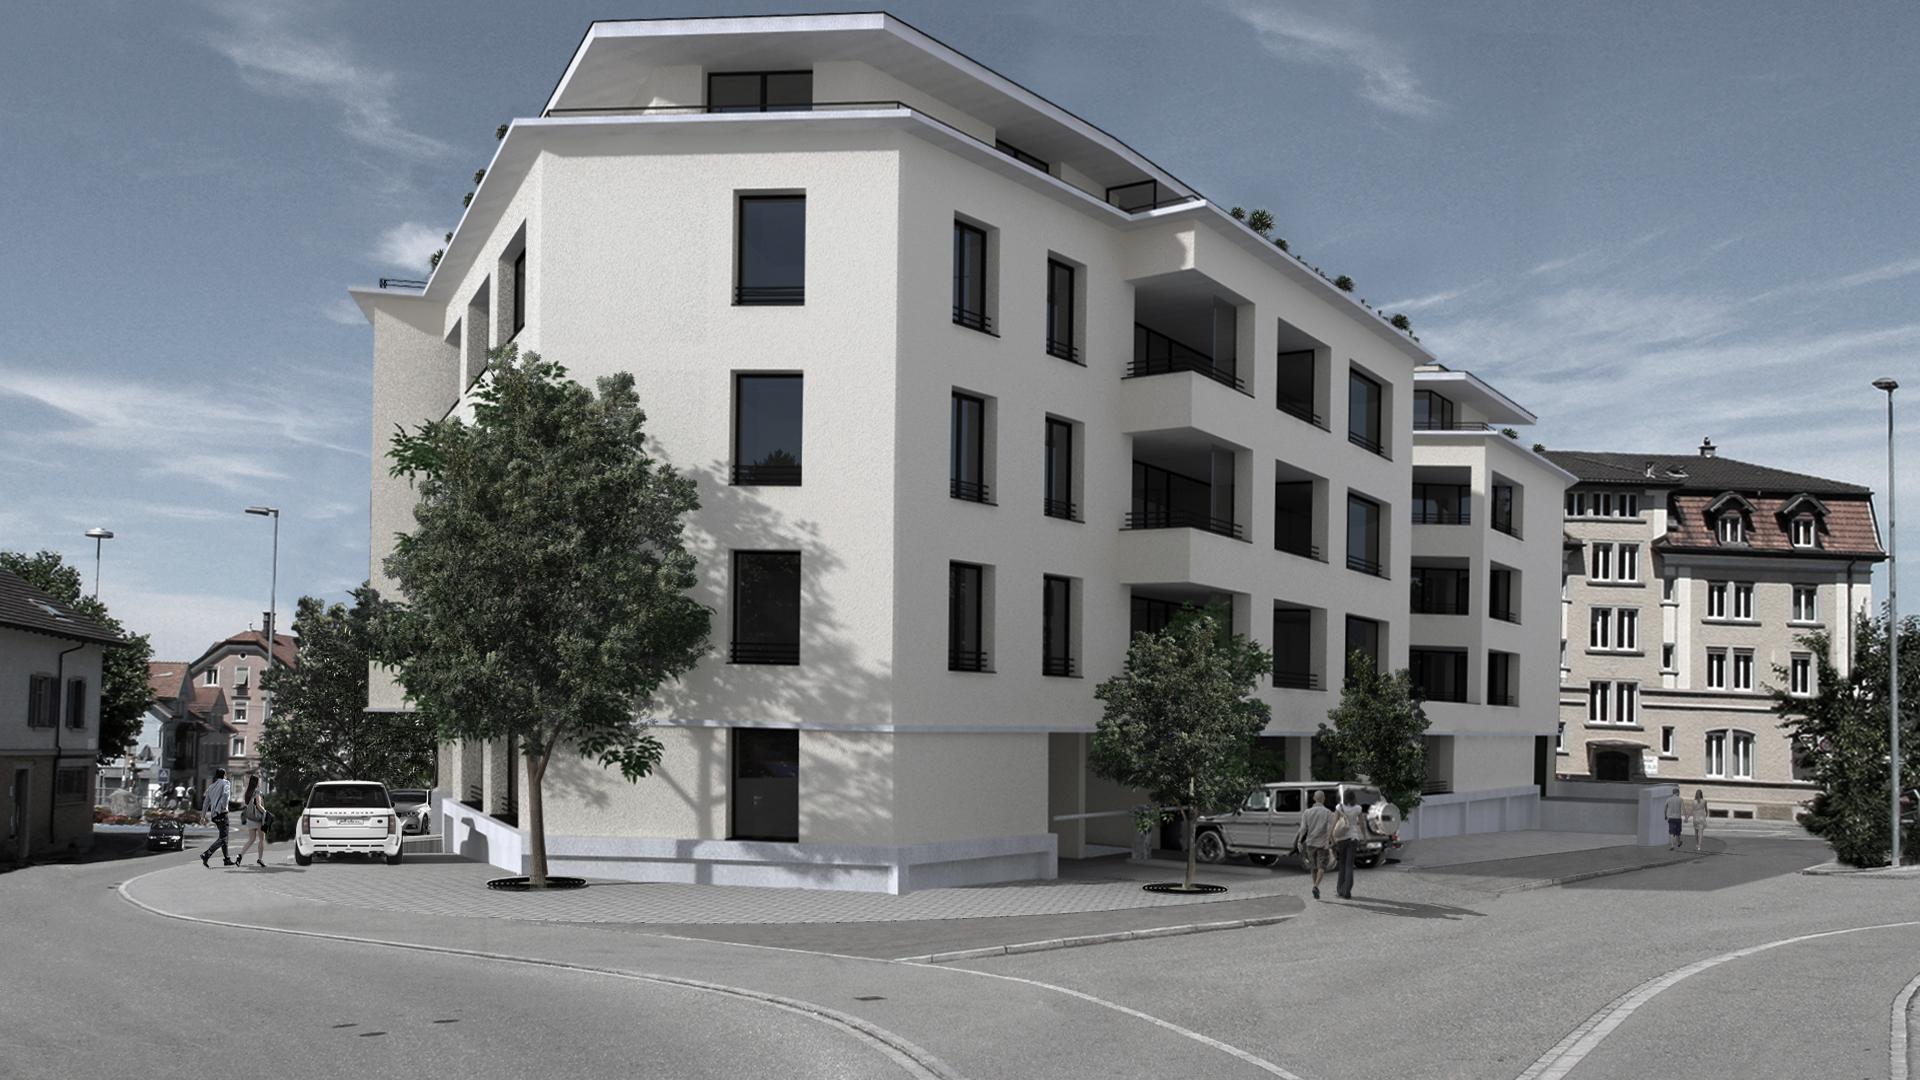 Wohn- und Geschäftshaus Triangel